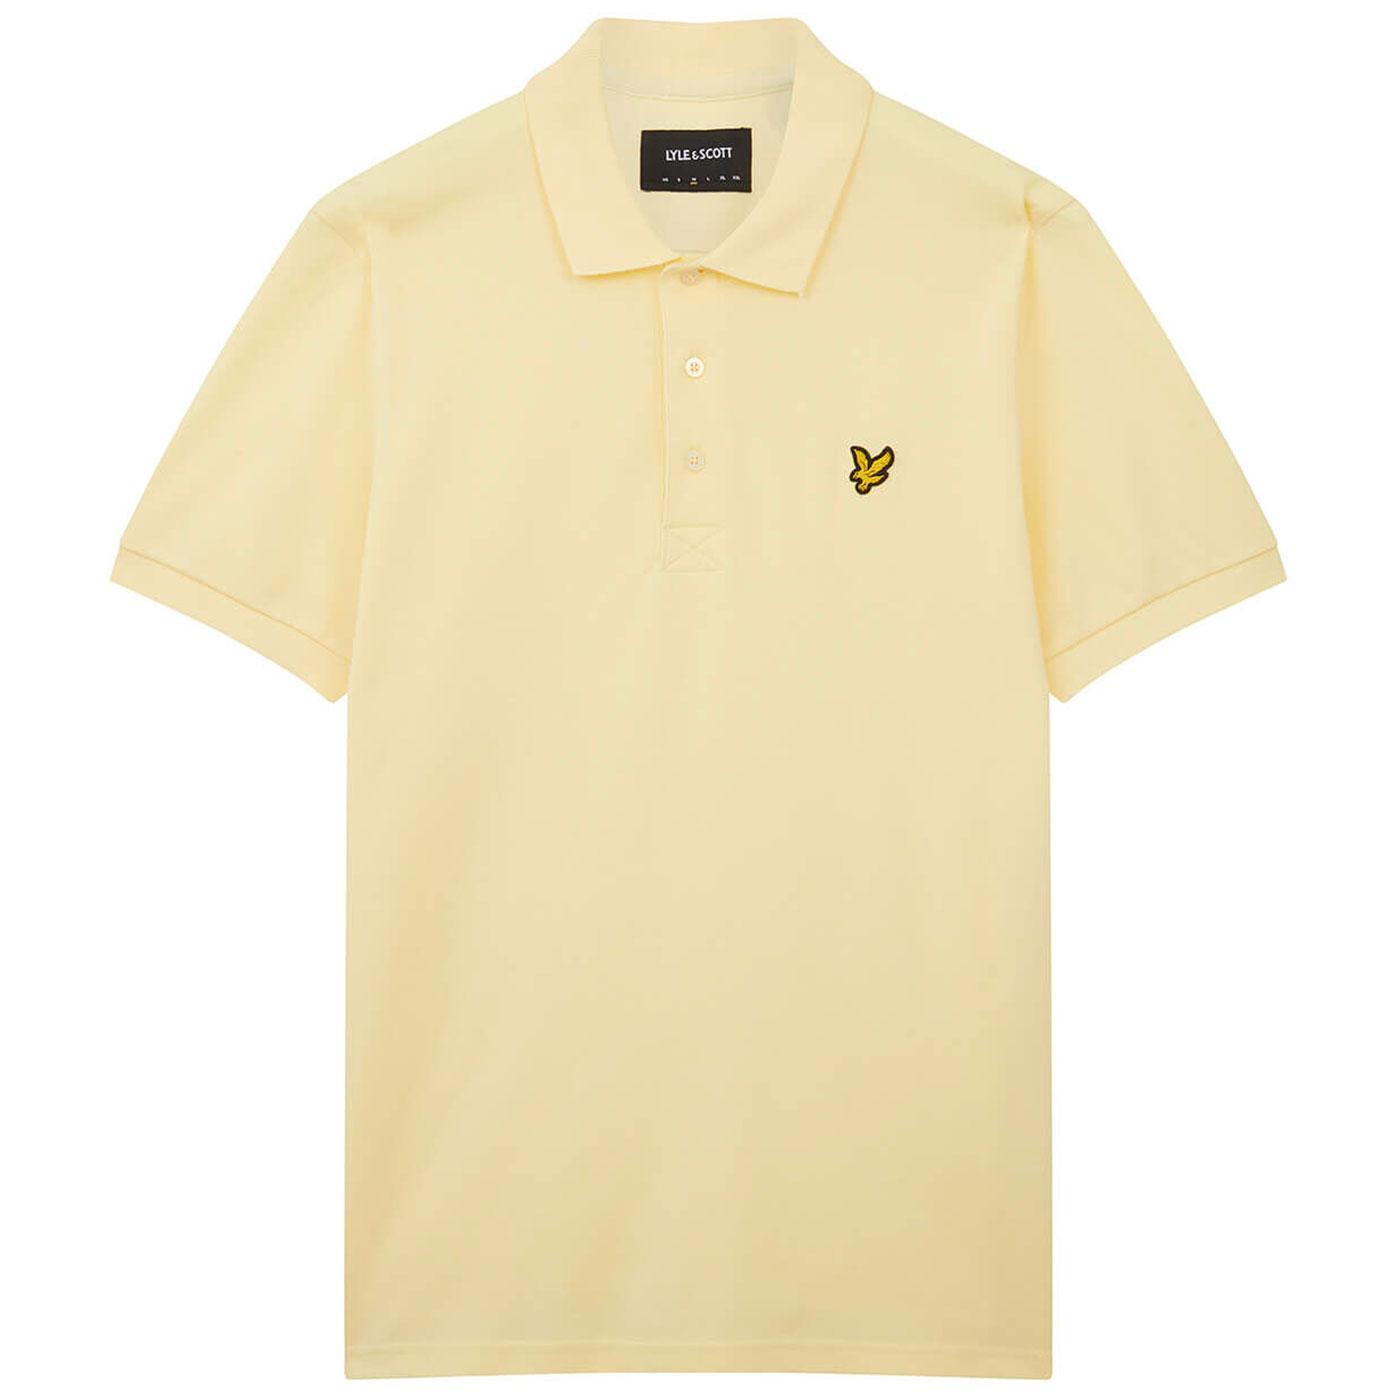 LYLE & SCOTT Mod Classic Pique Polo Shirt (Lemon)